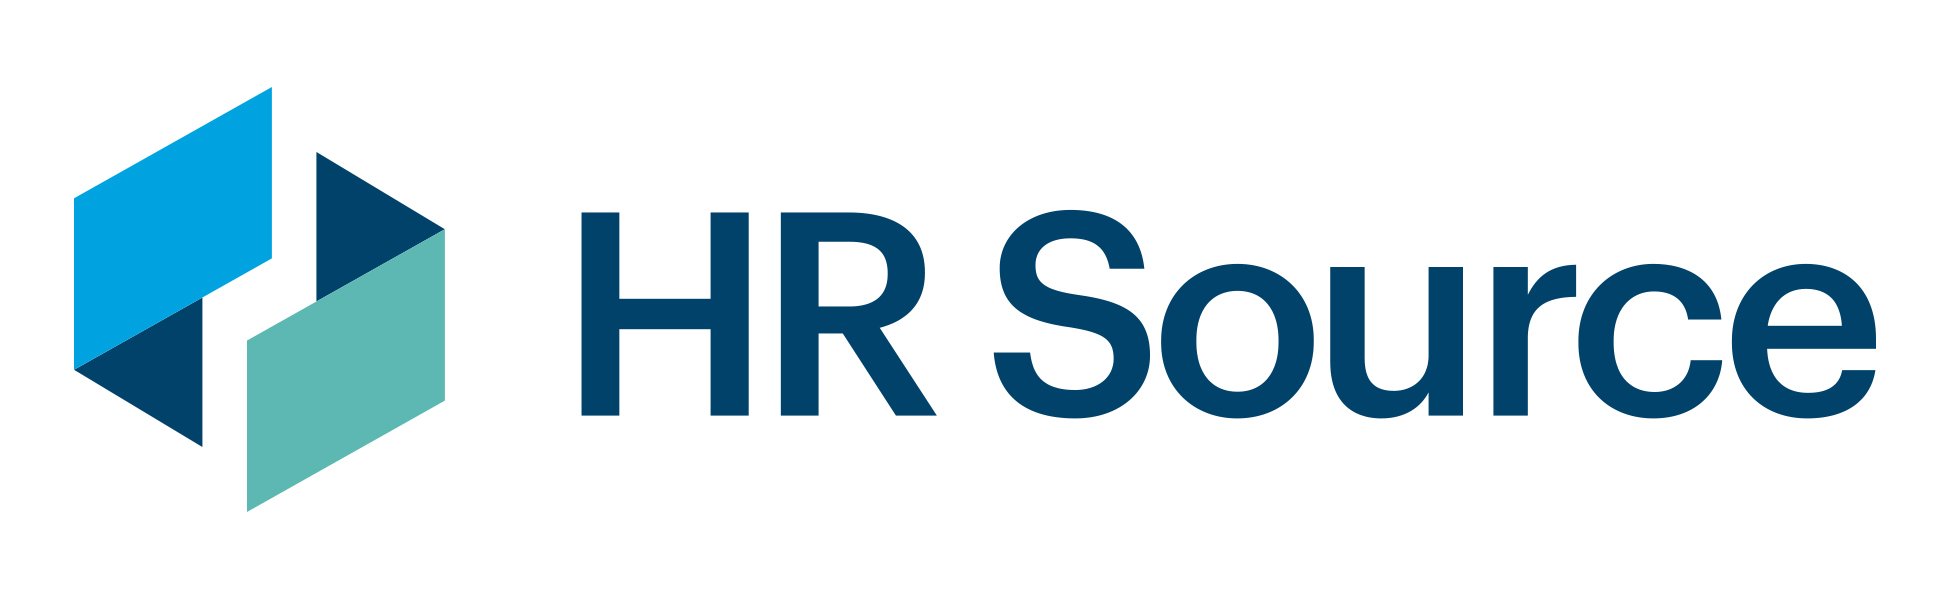 HR Source